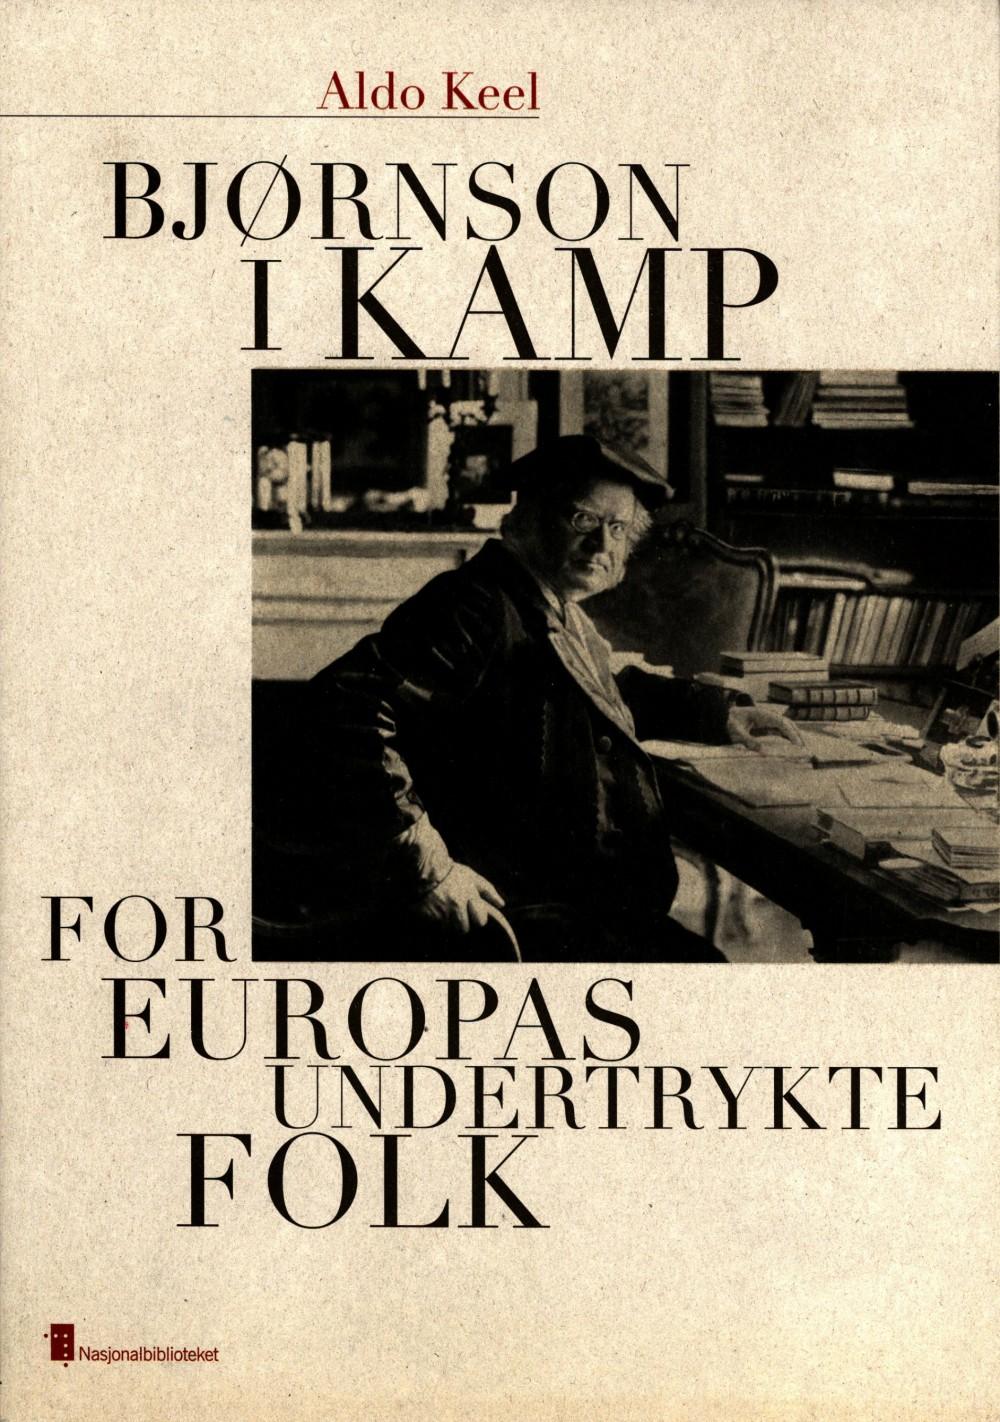 Aldo Keel: Bjørnson i kamp for Europas undertrykte folk